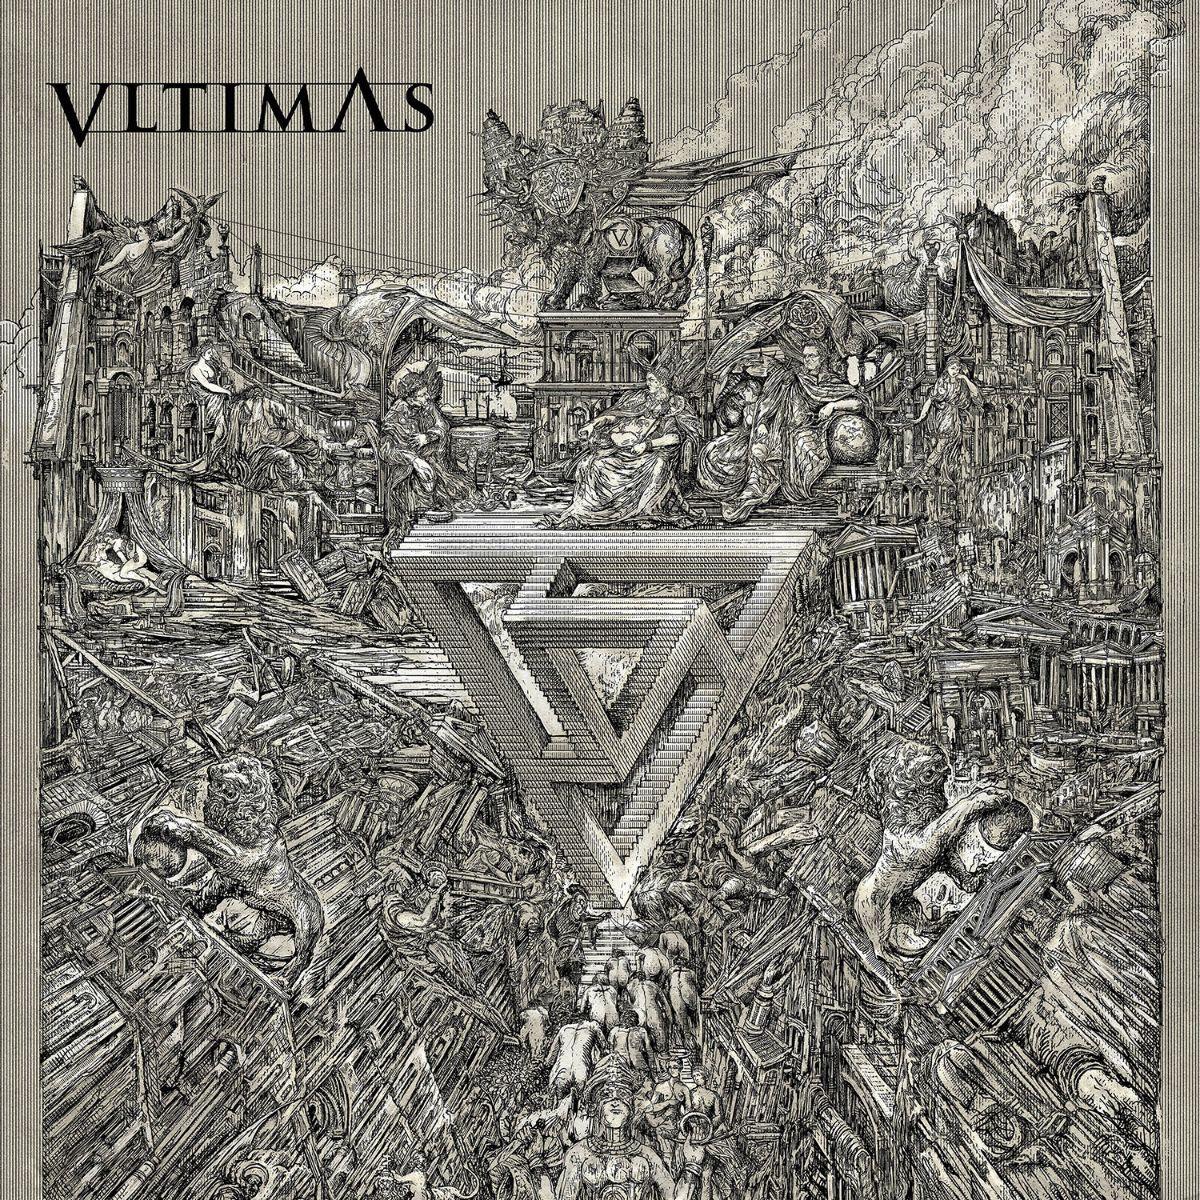 Cover-artwork-vltimas-Bielak